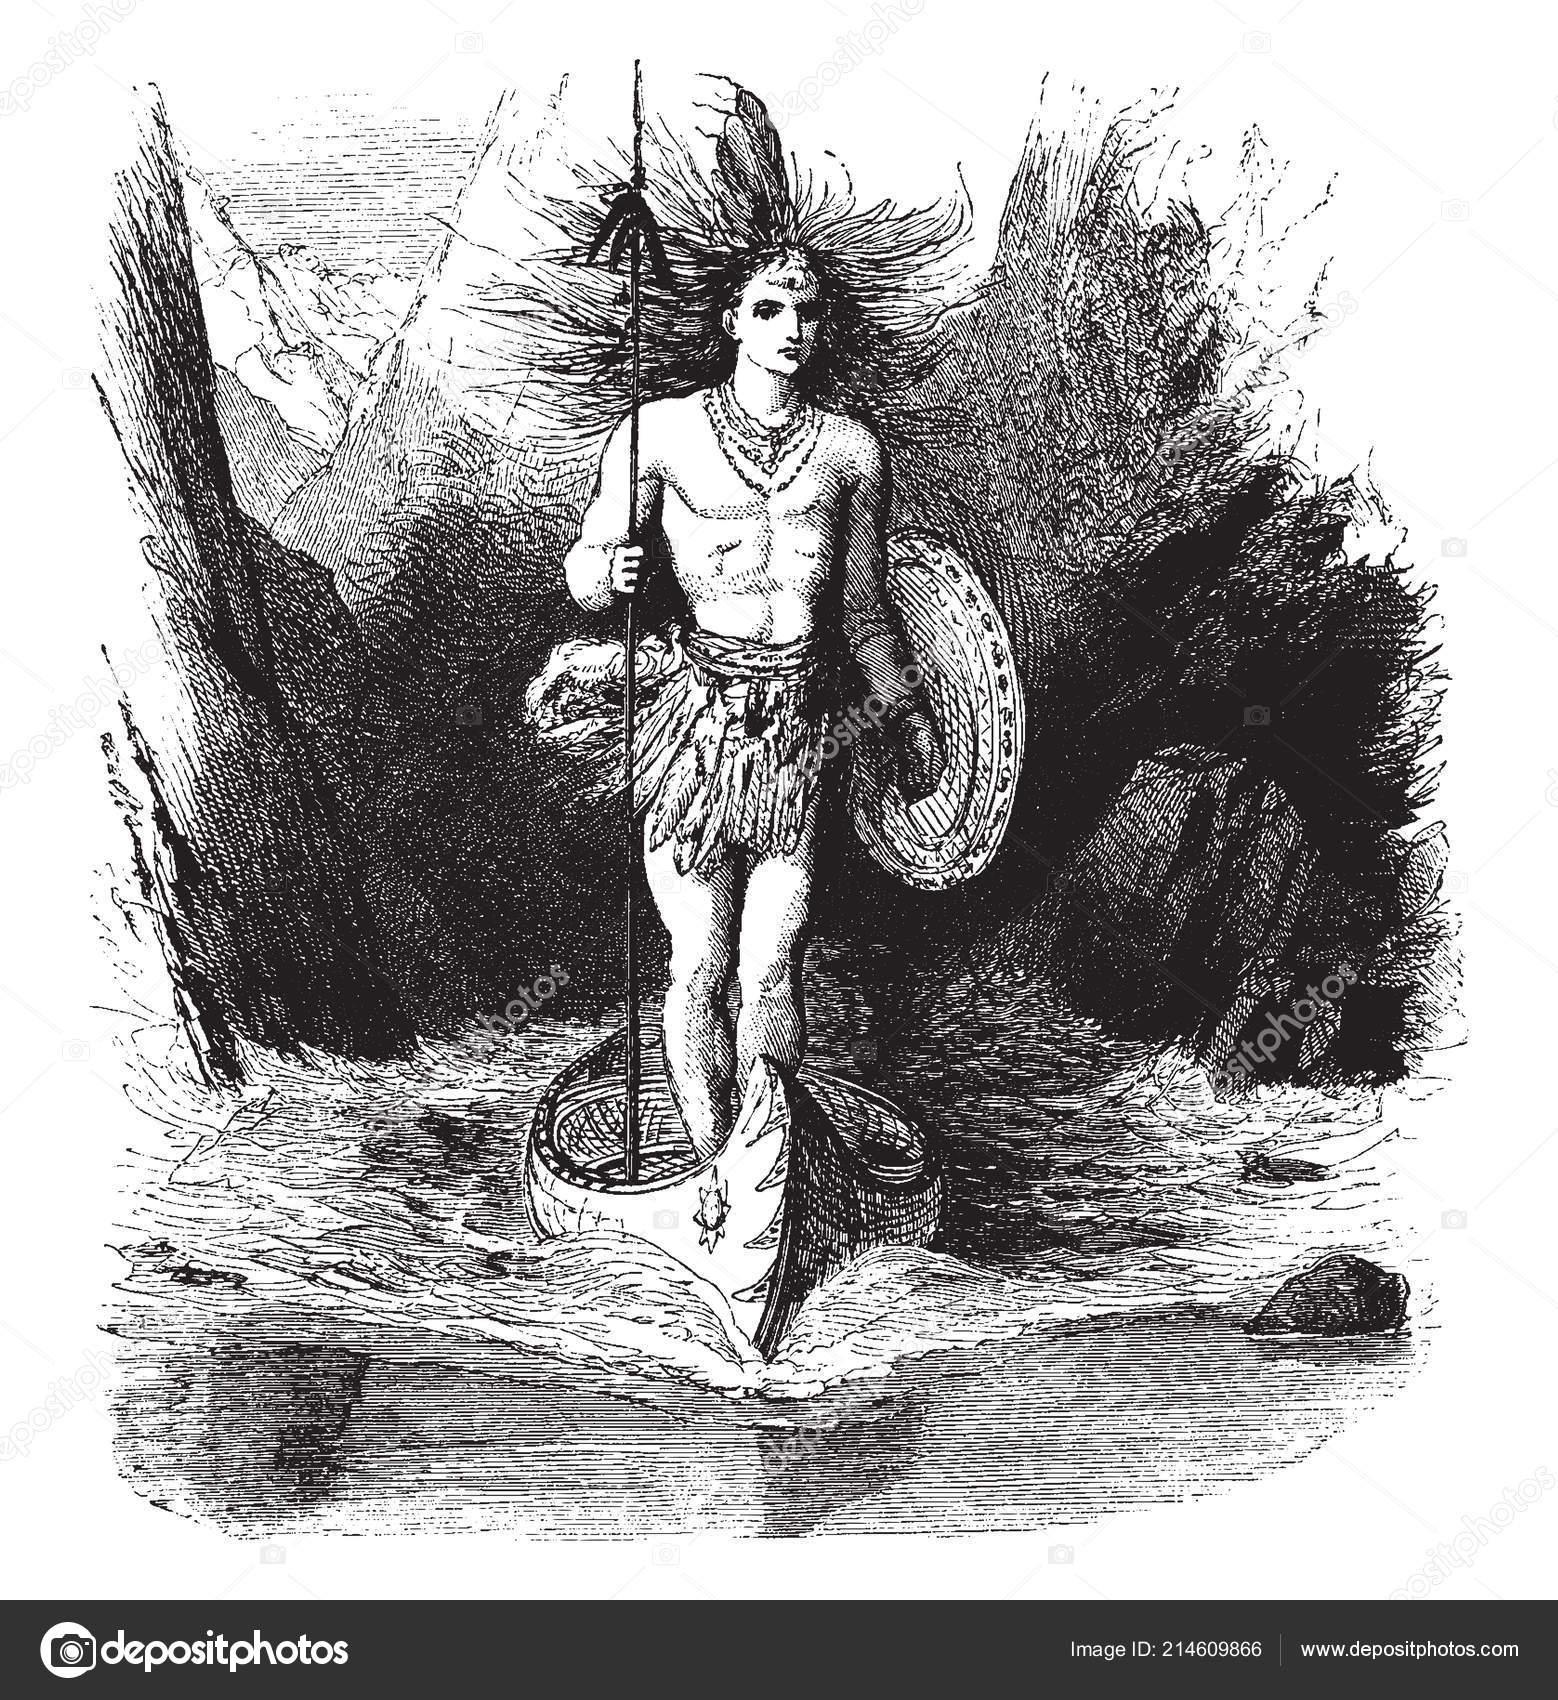 Jeune Homme Debout Canot Dans Eau Tenant Bouclier Lance Dans Image